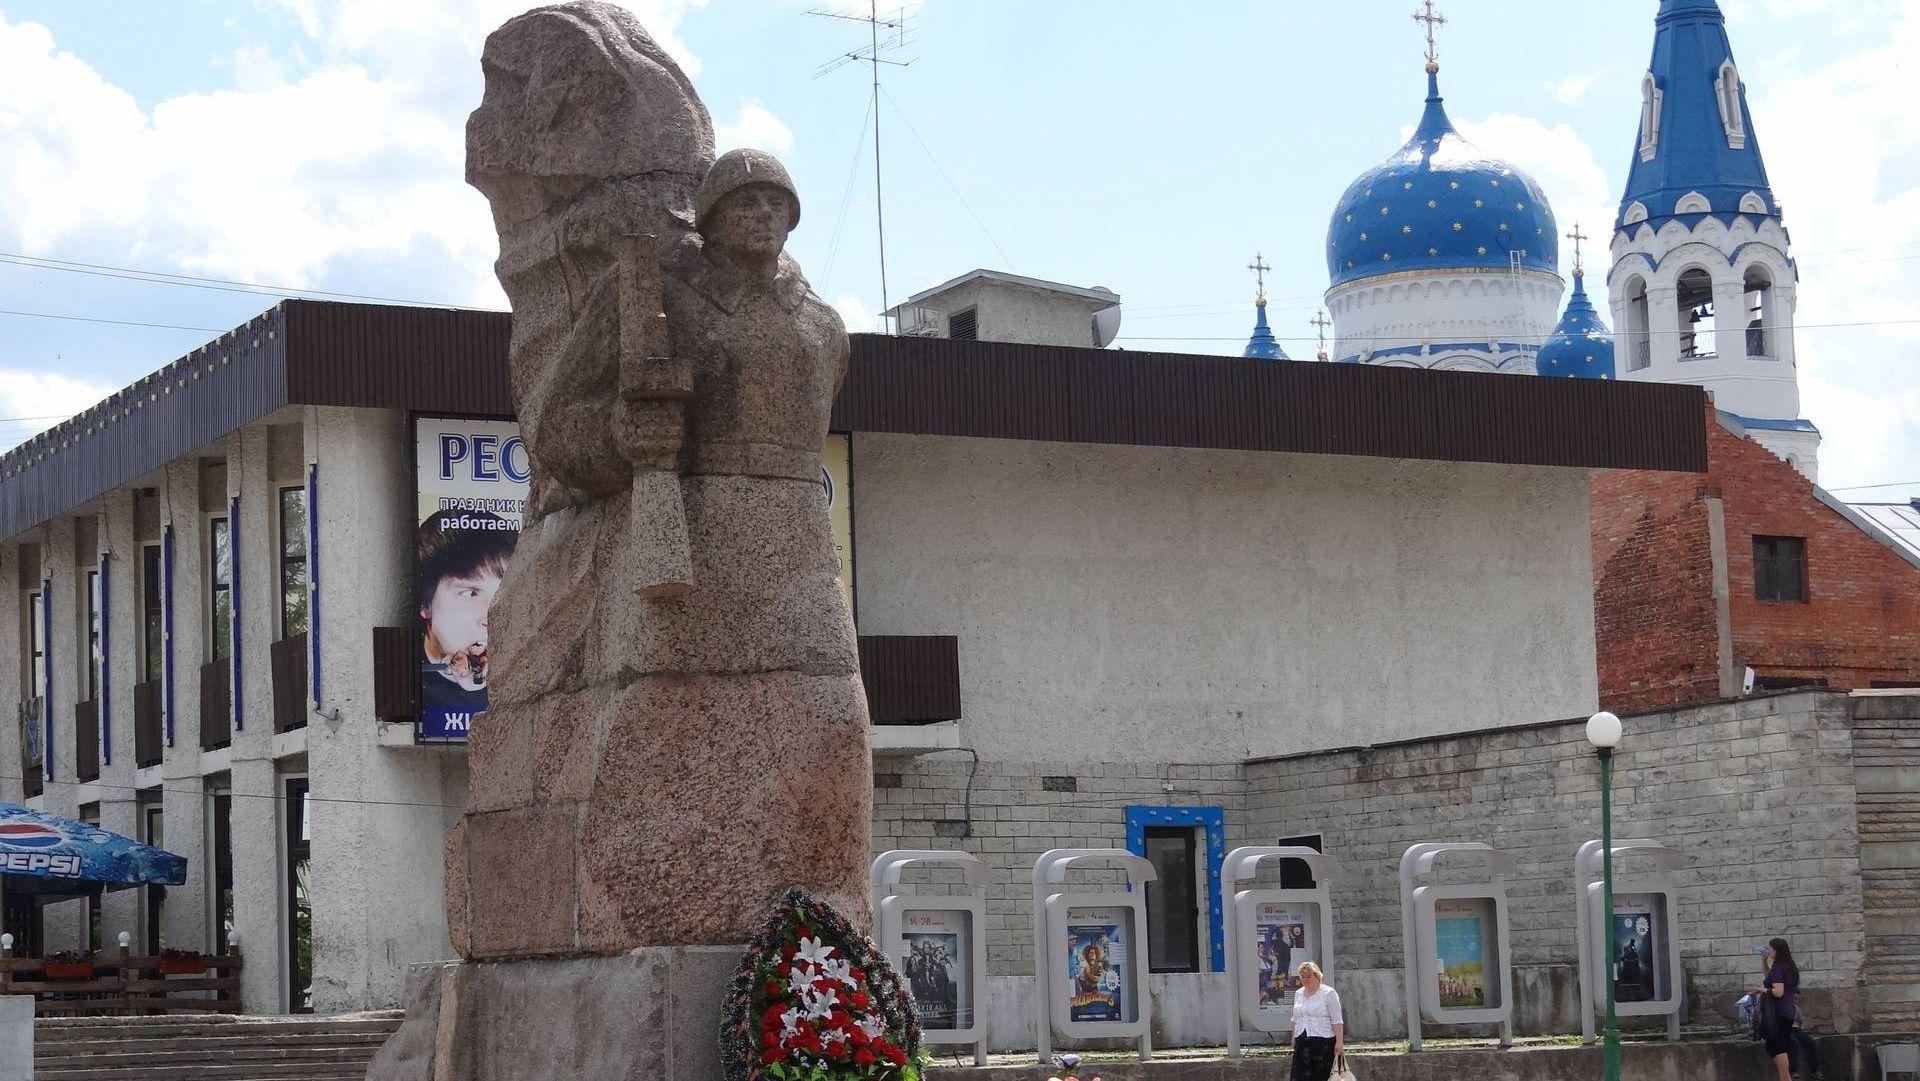 Памятник воинам-освободителям на проспекте 25 октября в Гатчине